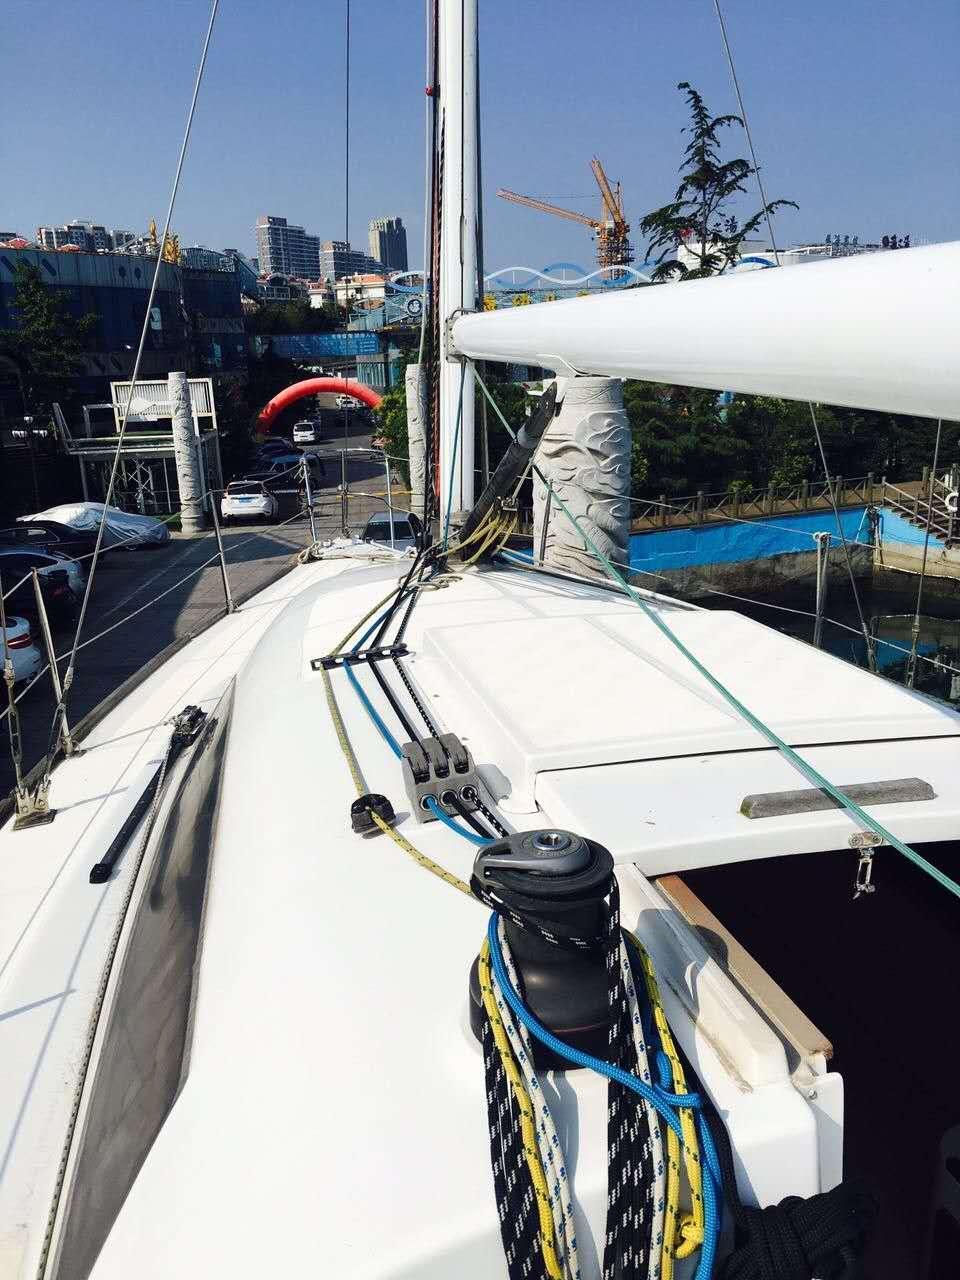 帆船,性能,出色,竞速,巡游 35尺竞速型巡游帆船转让  221849q5xcq7rr